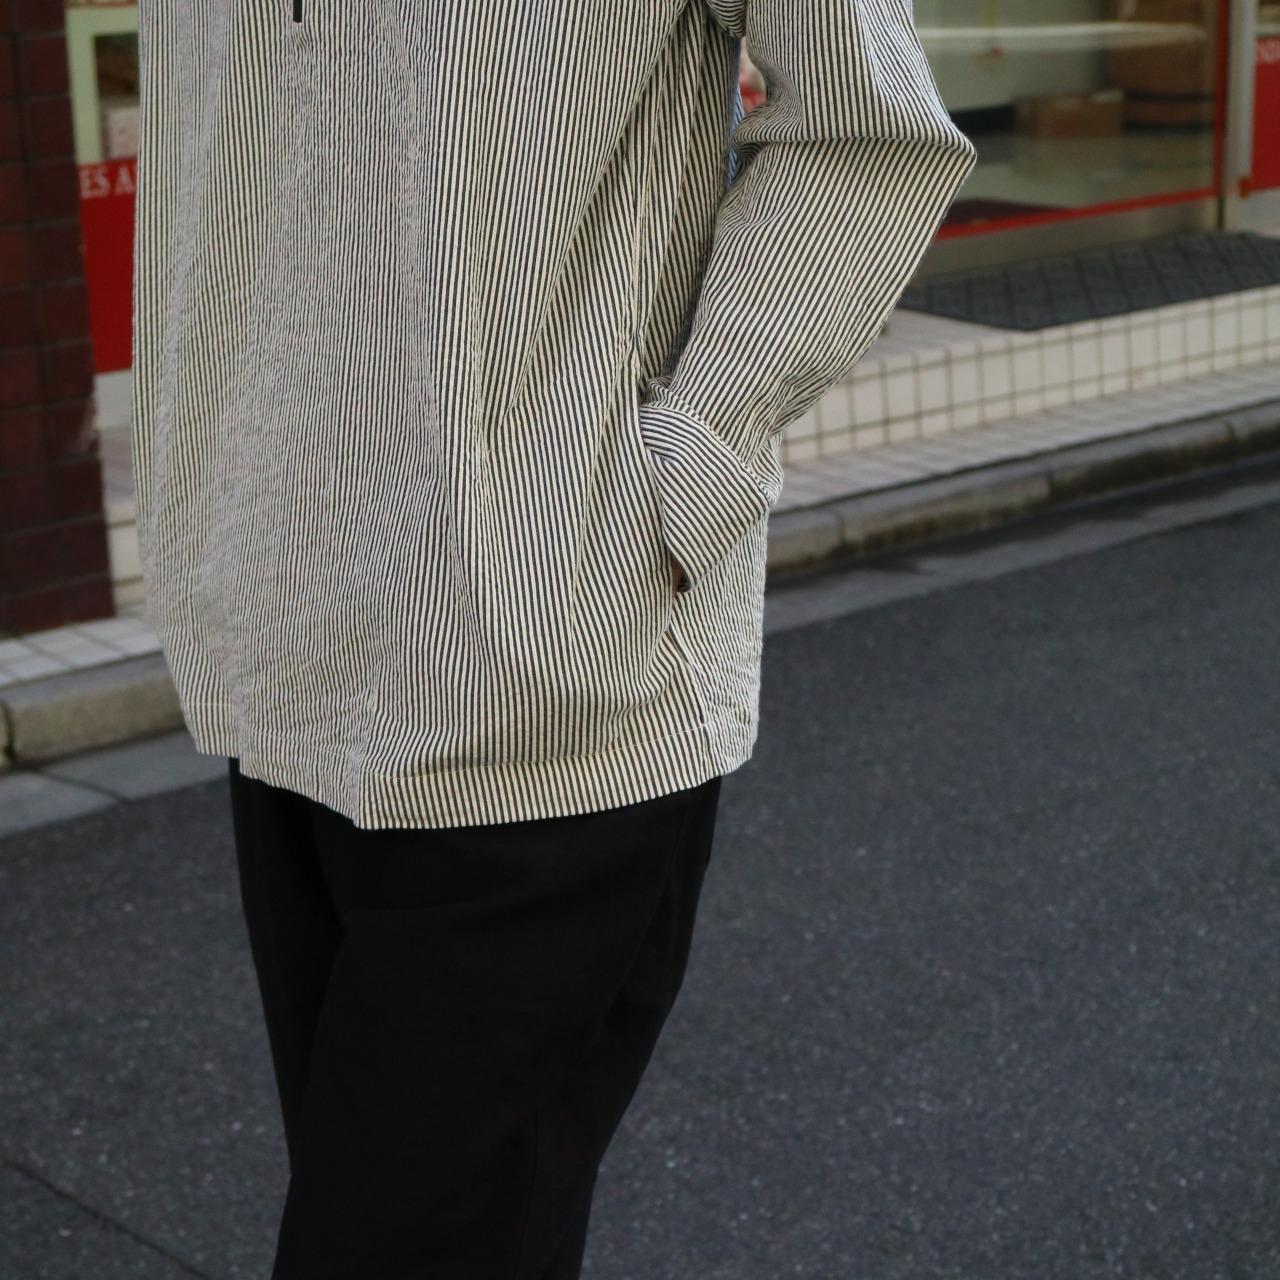 s_IMG_8891.jpg